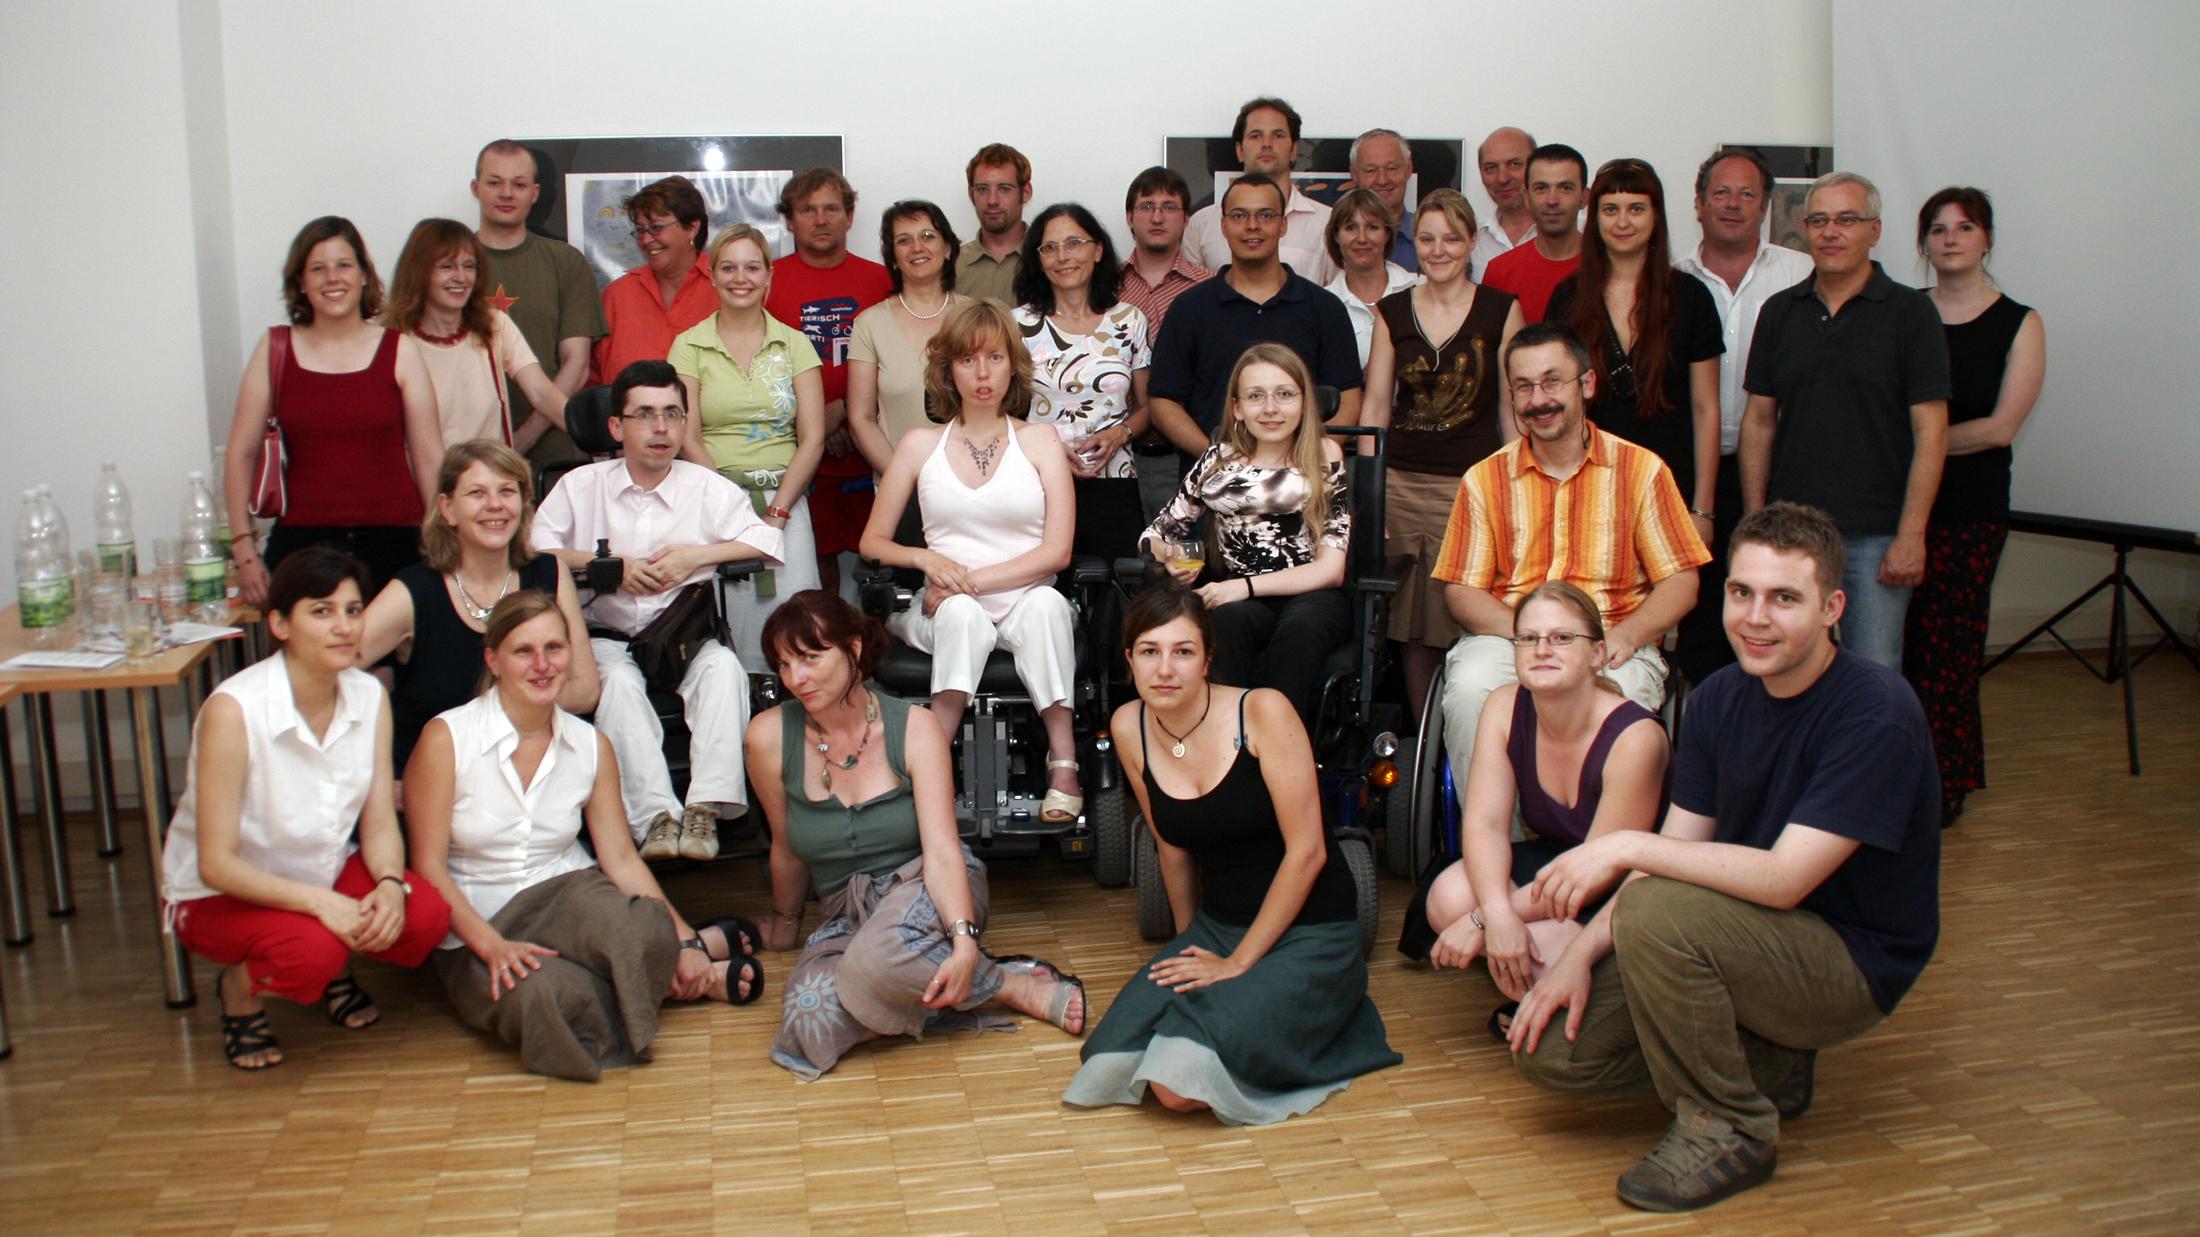 Gruppenbild: LiNK_pr: Lehrgang für barrierefreie Öffentlichkeitsarbeit Martin Ladstätter